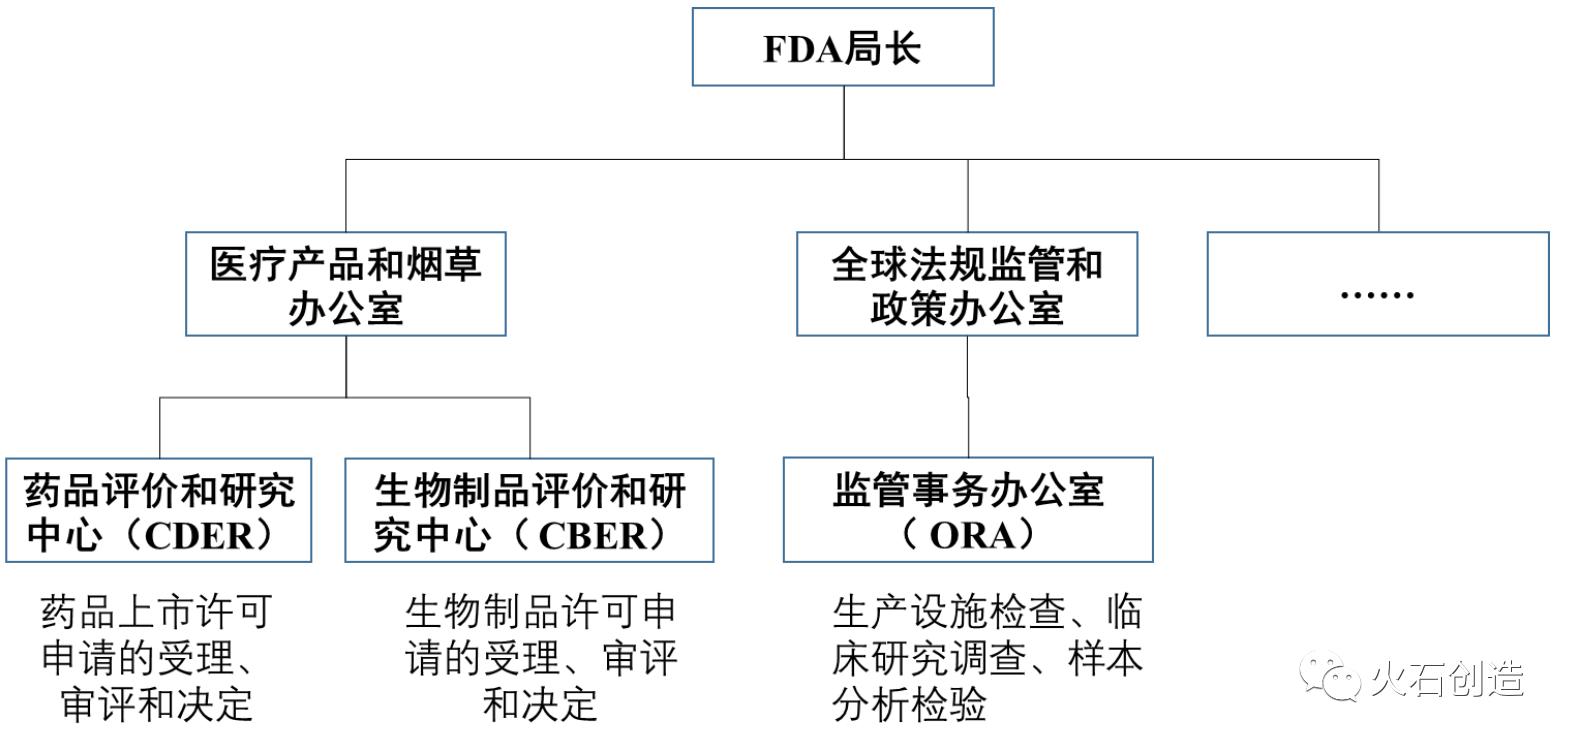 图1 美国FDA药品审评相关机构与分工